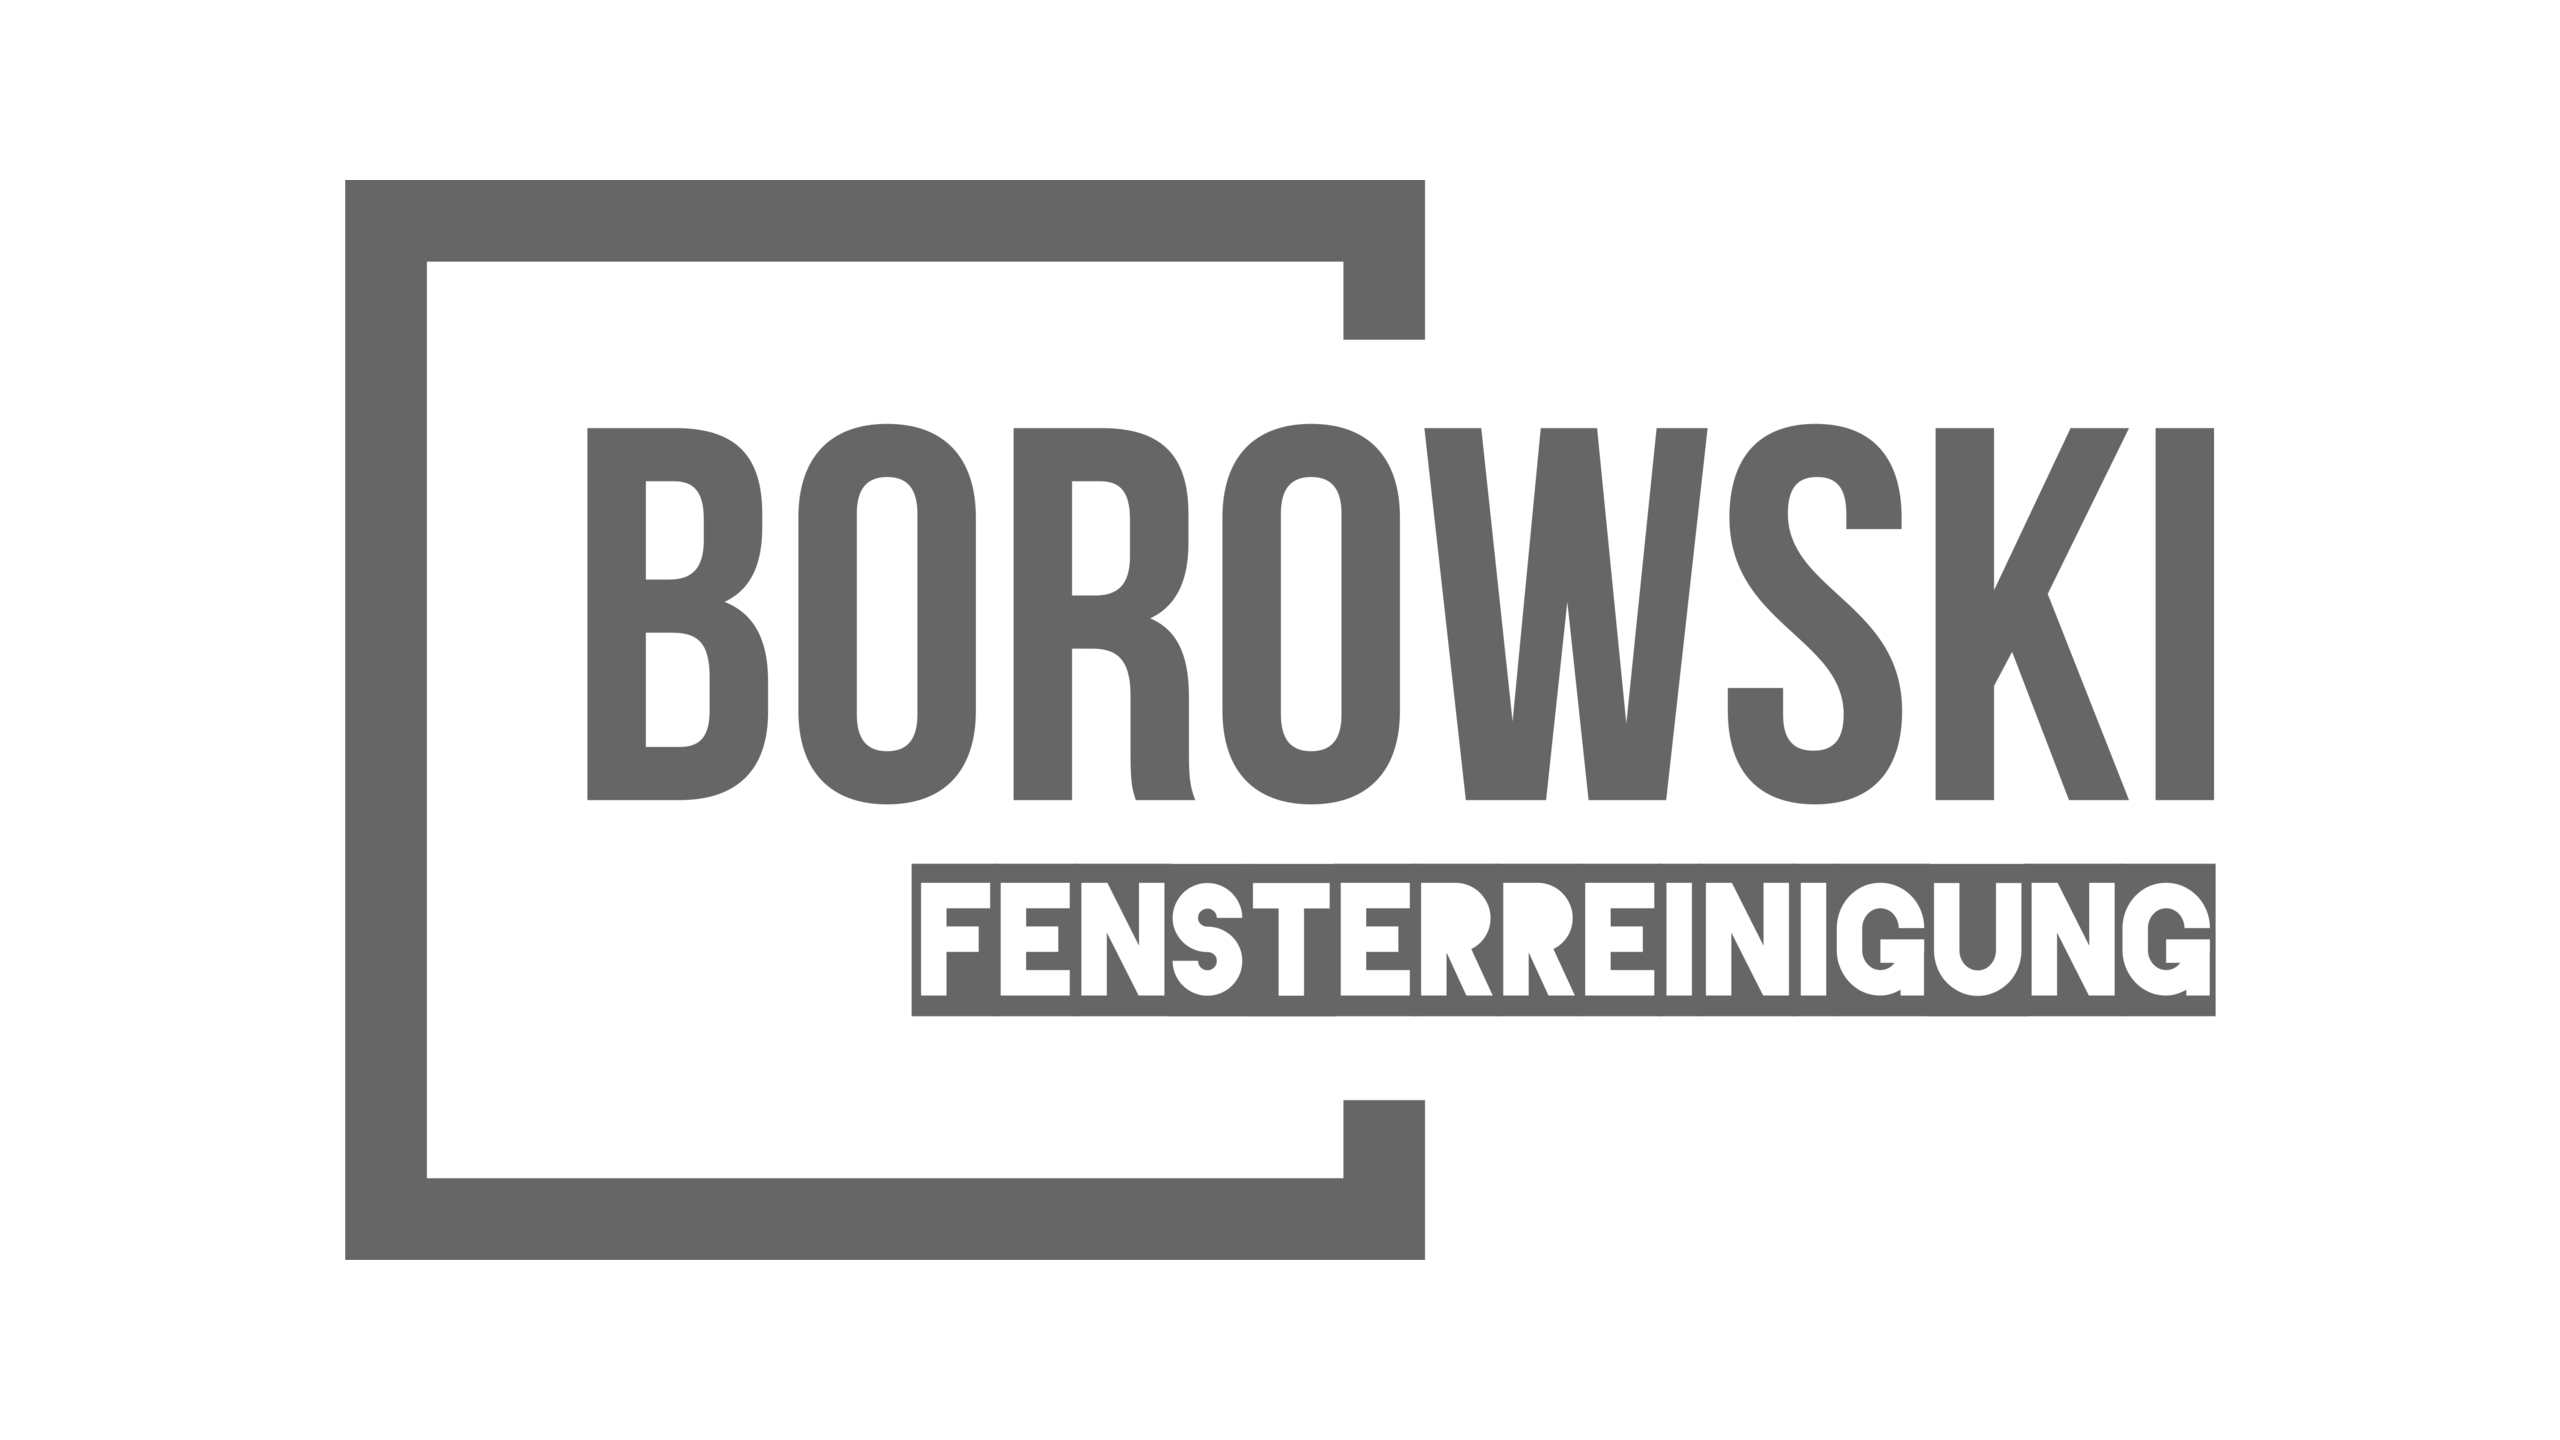 Borowski Fensterreinigung Hamburg